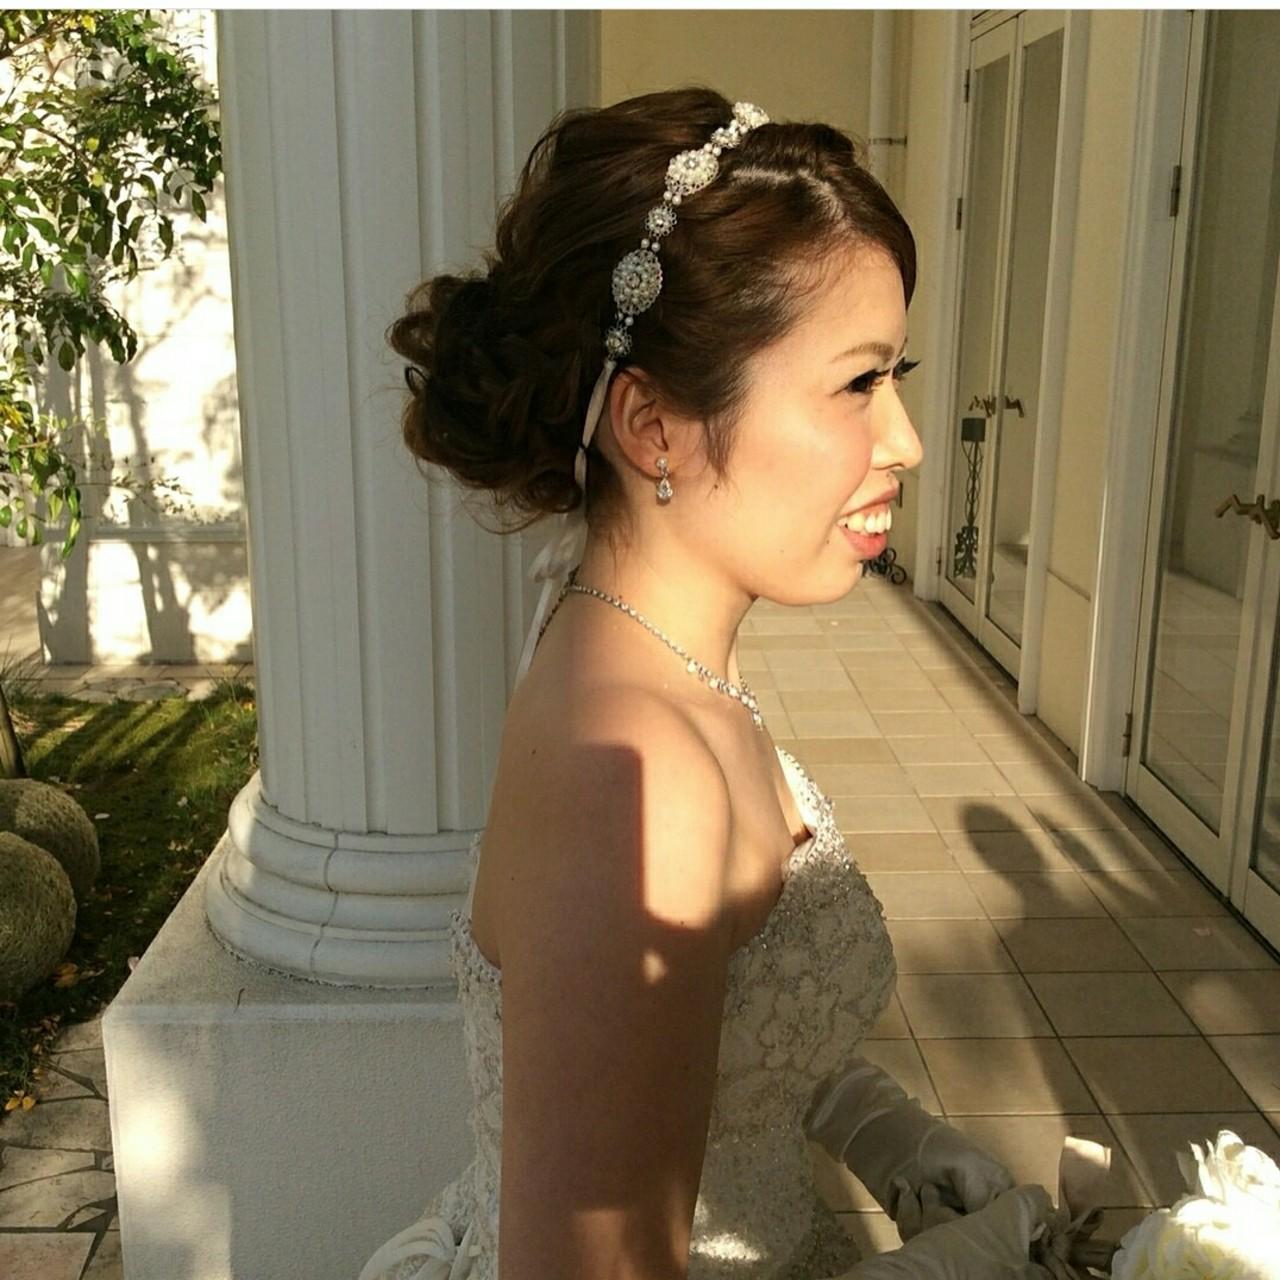 ヘアアレンジ 花嫁 セミロング 結婚式 ヘアスタイルや髪型の写真・画像